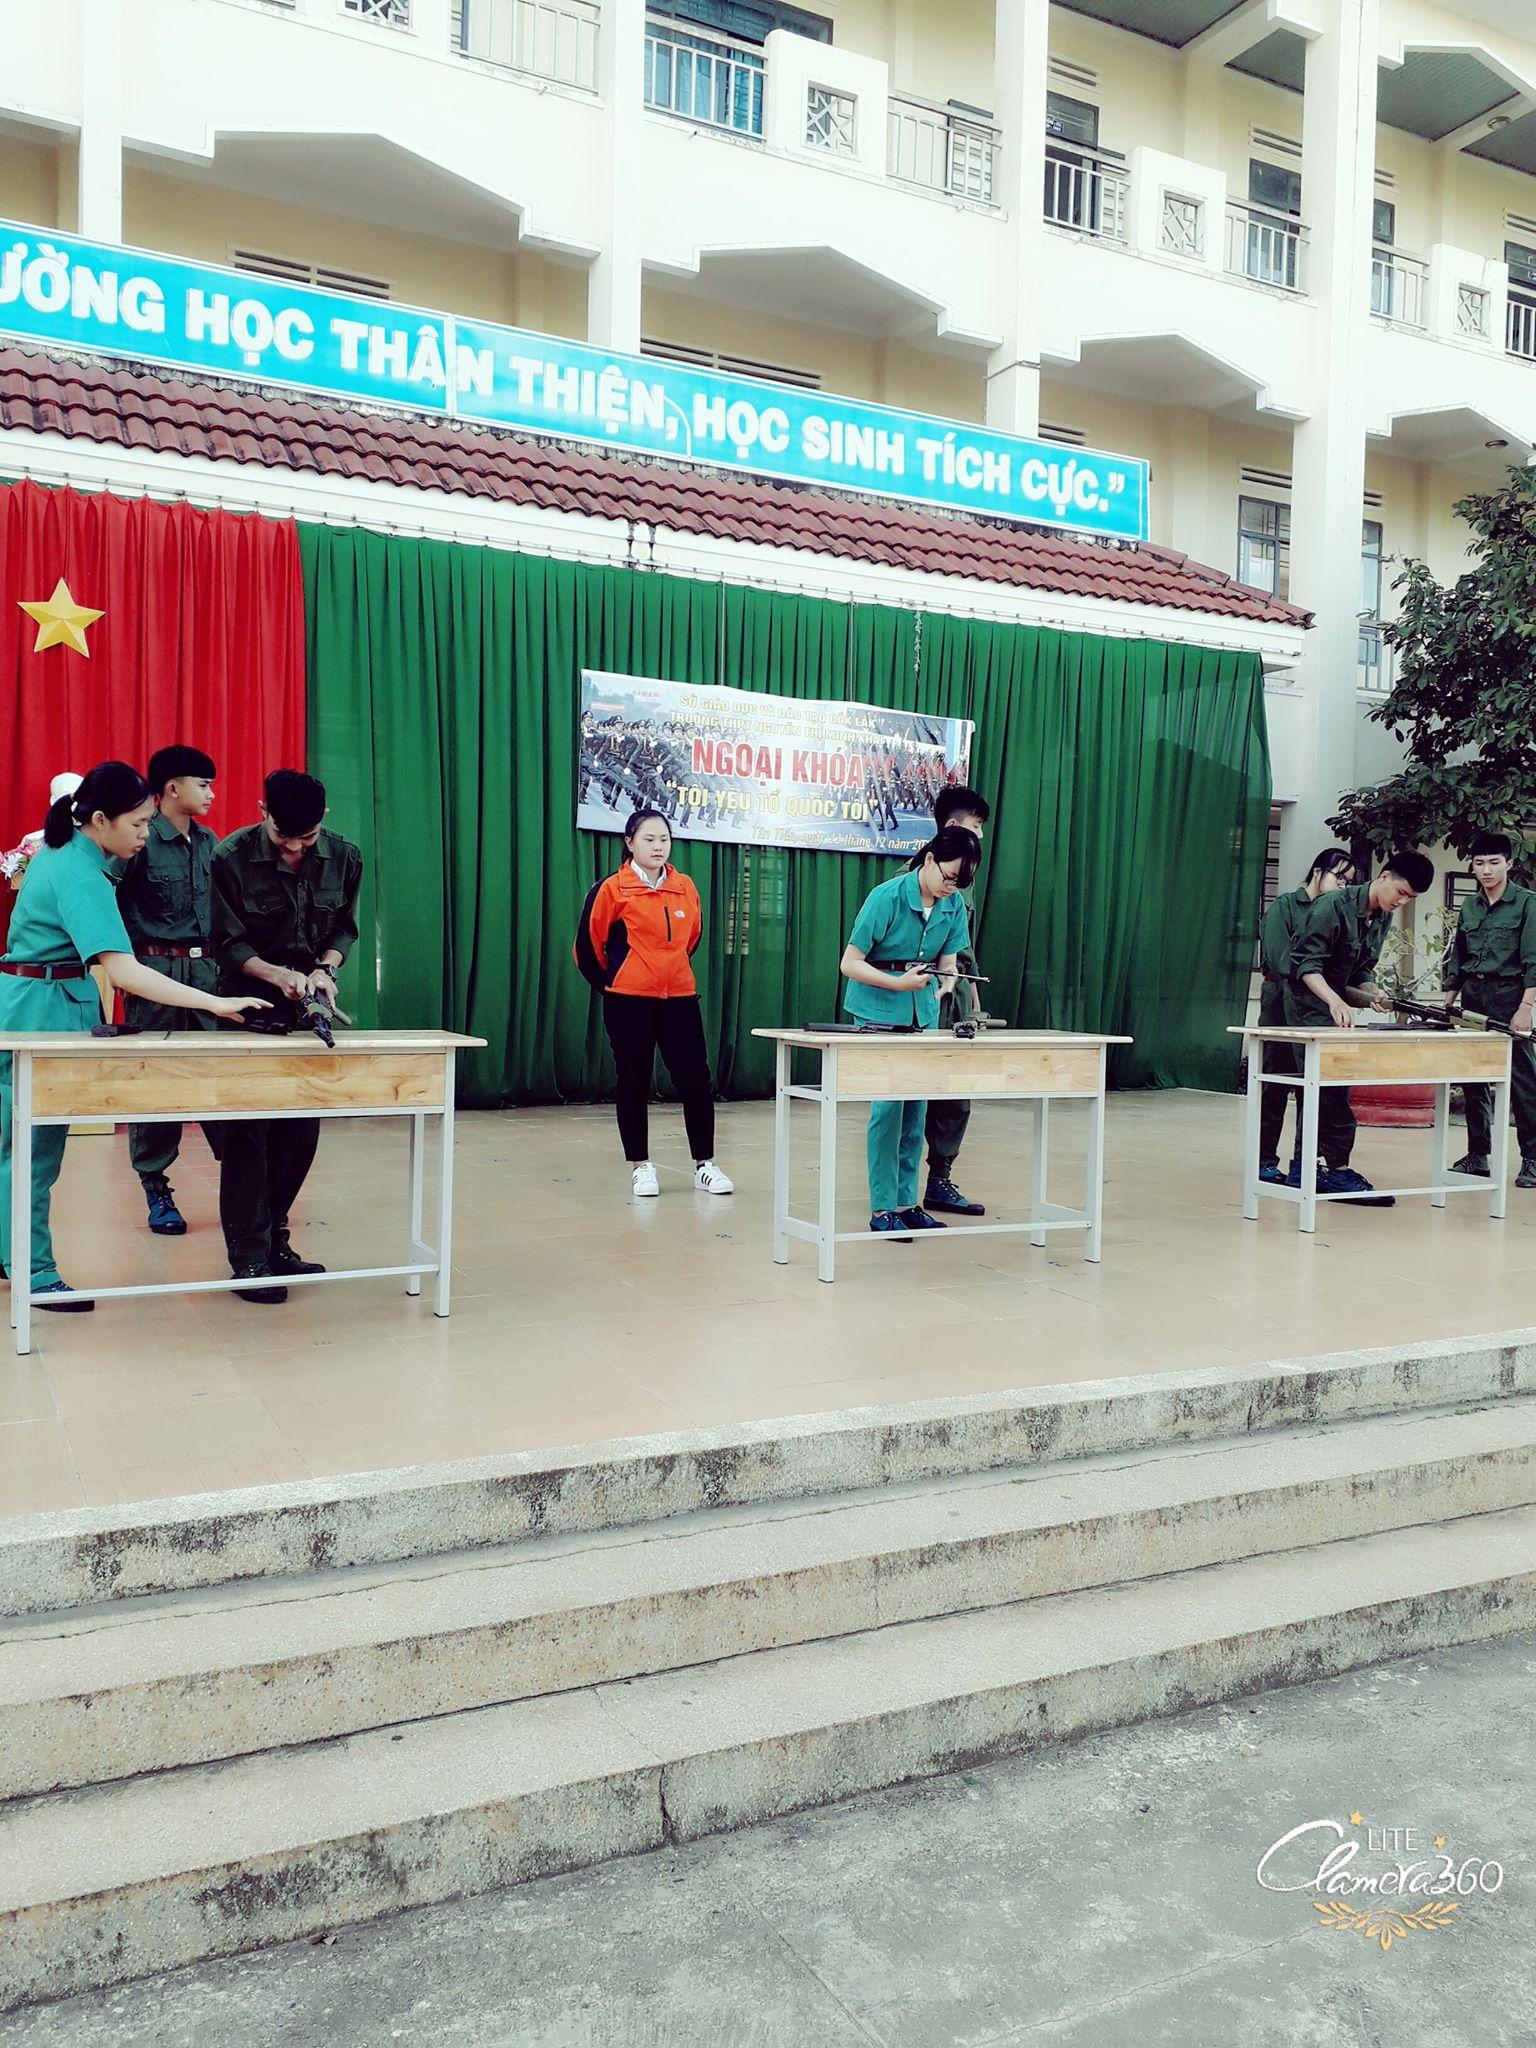 """Ngoại khóa """"Tôi yêu Tổ Quốc tôi"""" kỉ niệm 74 năm ngày thành lập Quân đội nhân dân Việt Nam và 29 năm Ngày hội quốc phòng toàn dân!"""